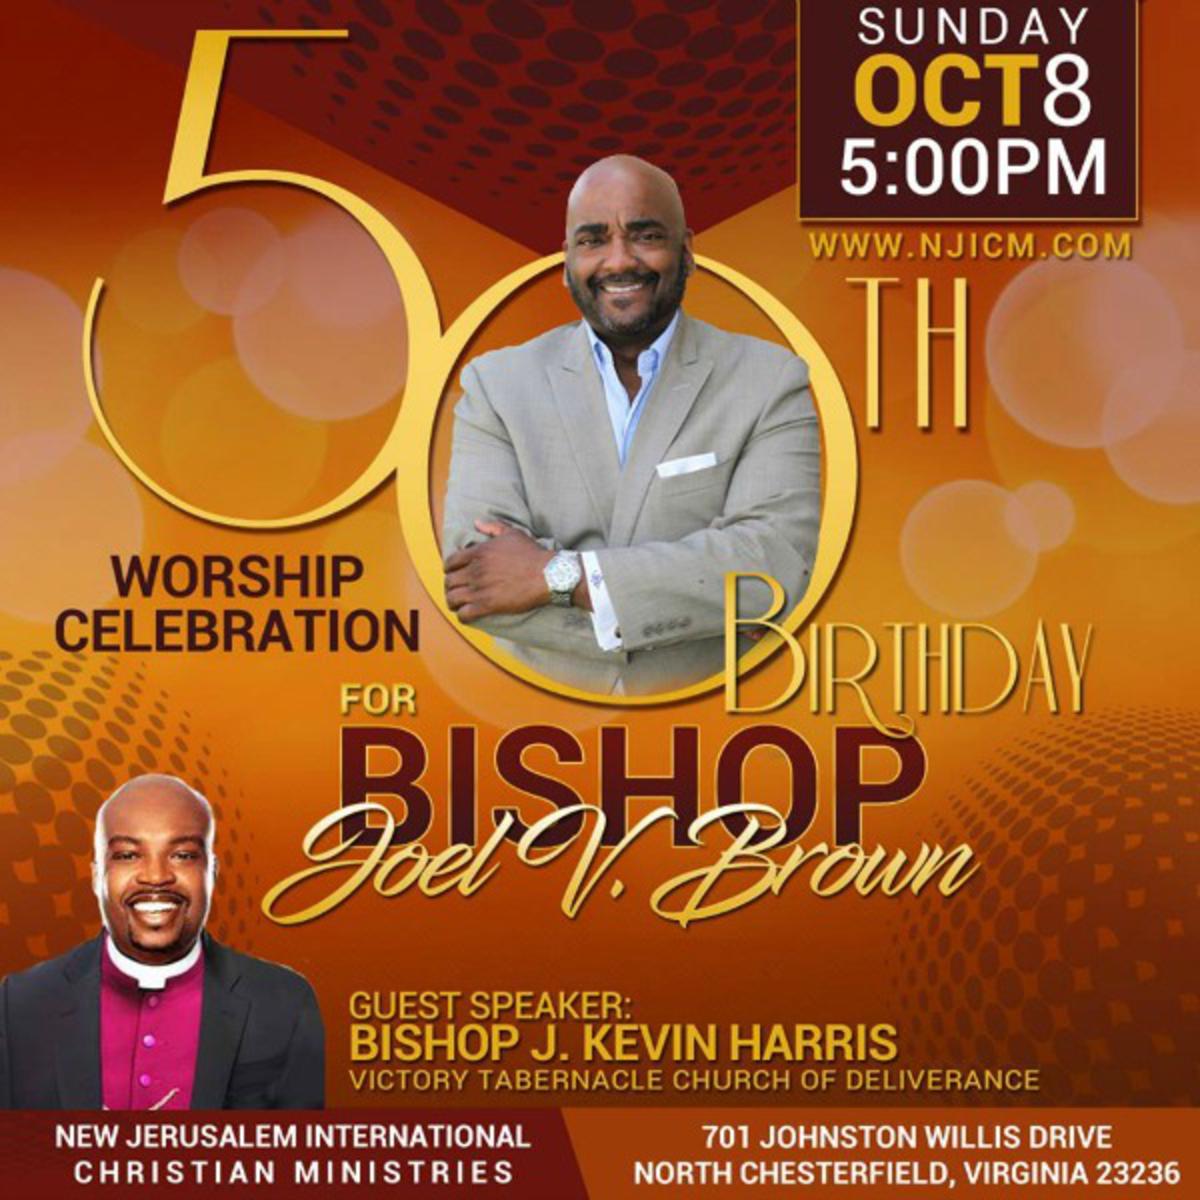 Celebrate Bishop Joel Brown's Birthday